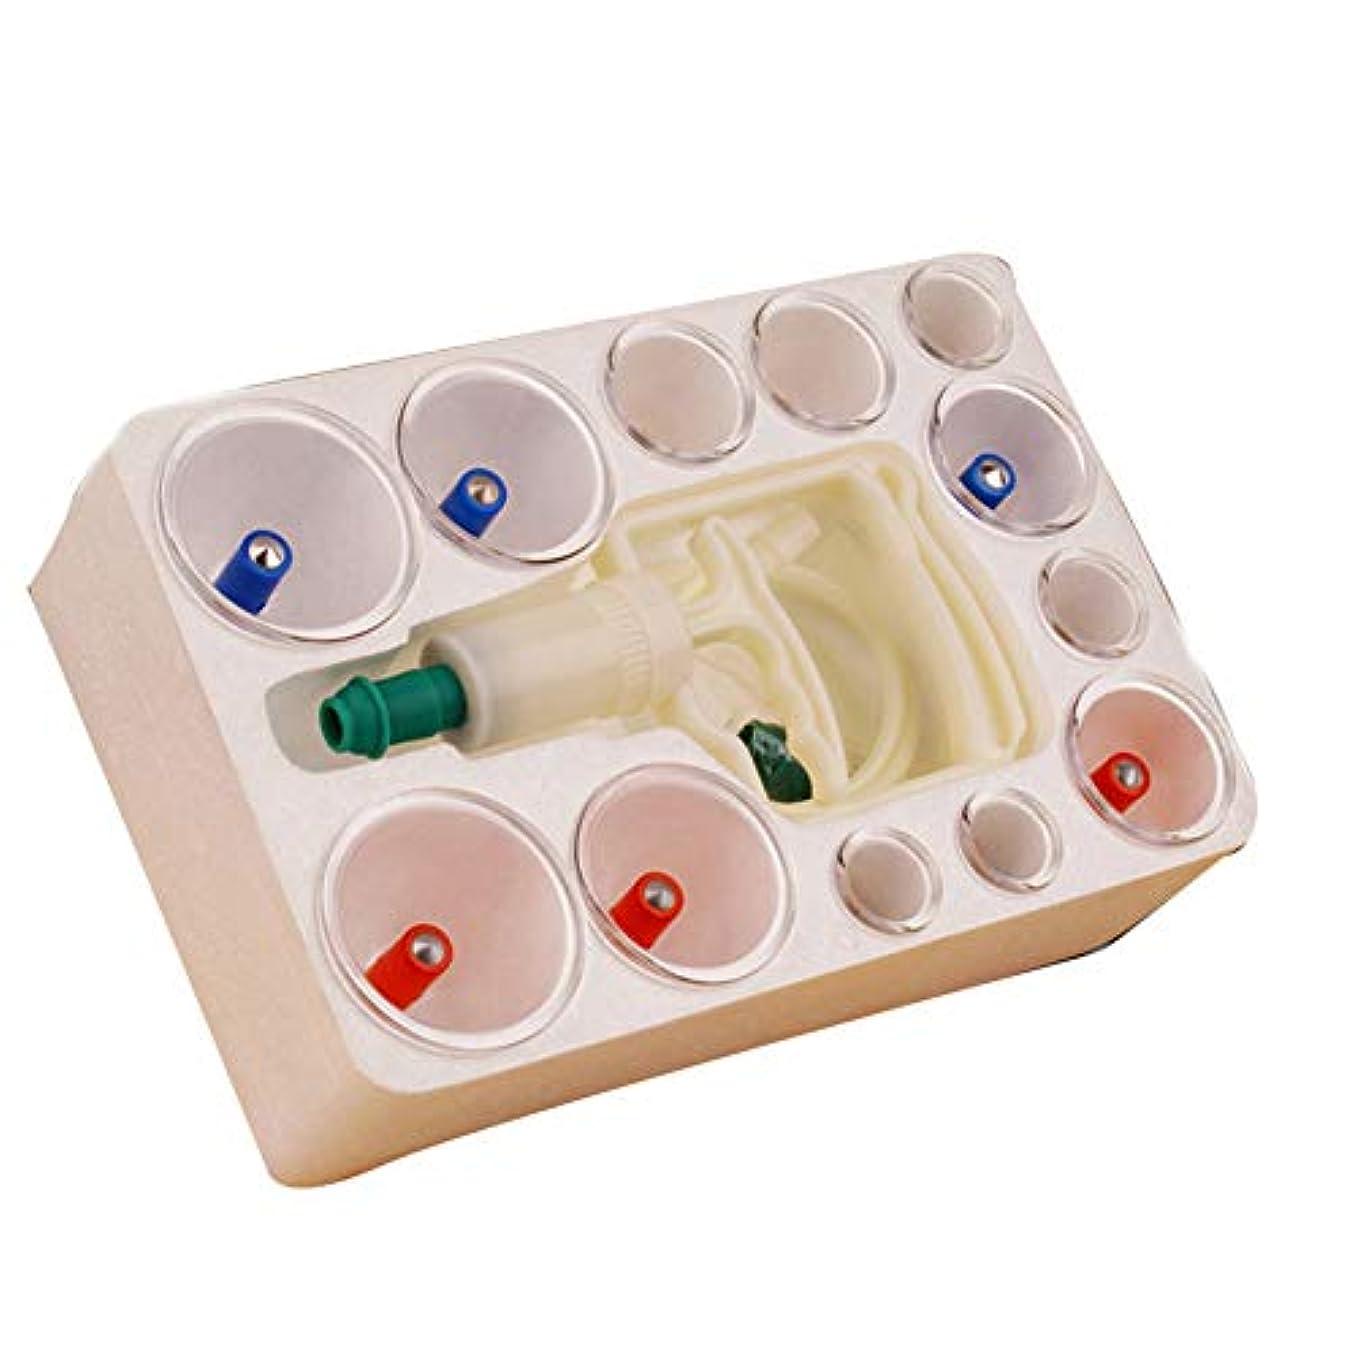 通り精巧なカスタム12カップカッピングセラピーセット、真空吸引生体磁気、ポンプ付きホーム、ボディマッサージの痛みを緩和する理学療法排泄毒素